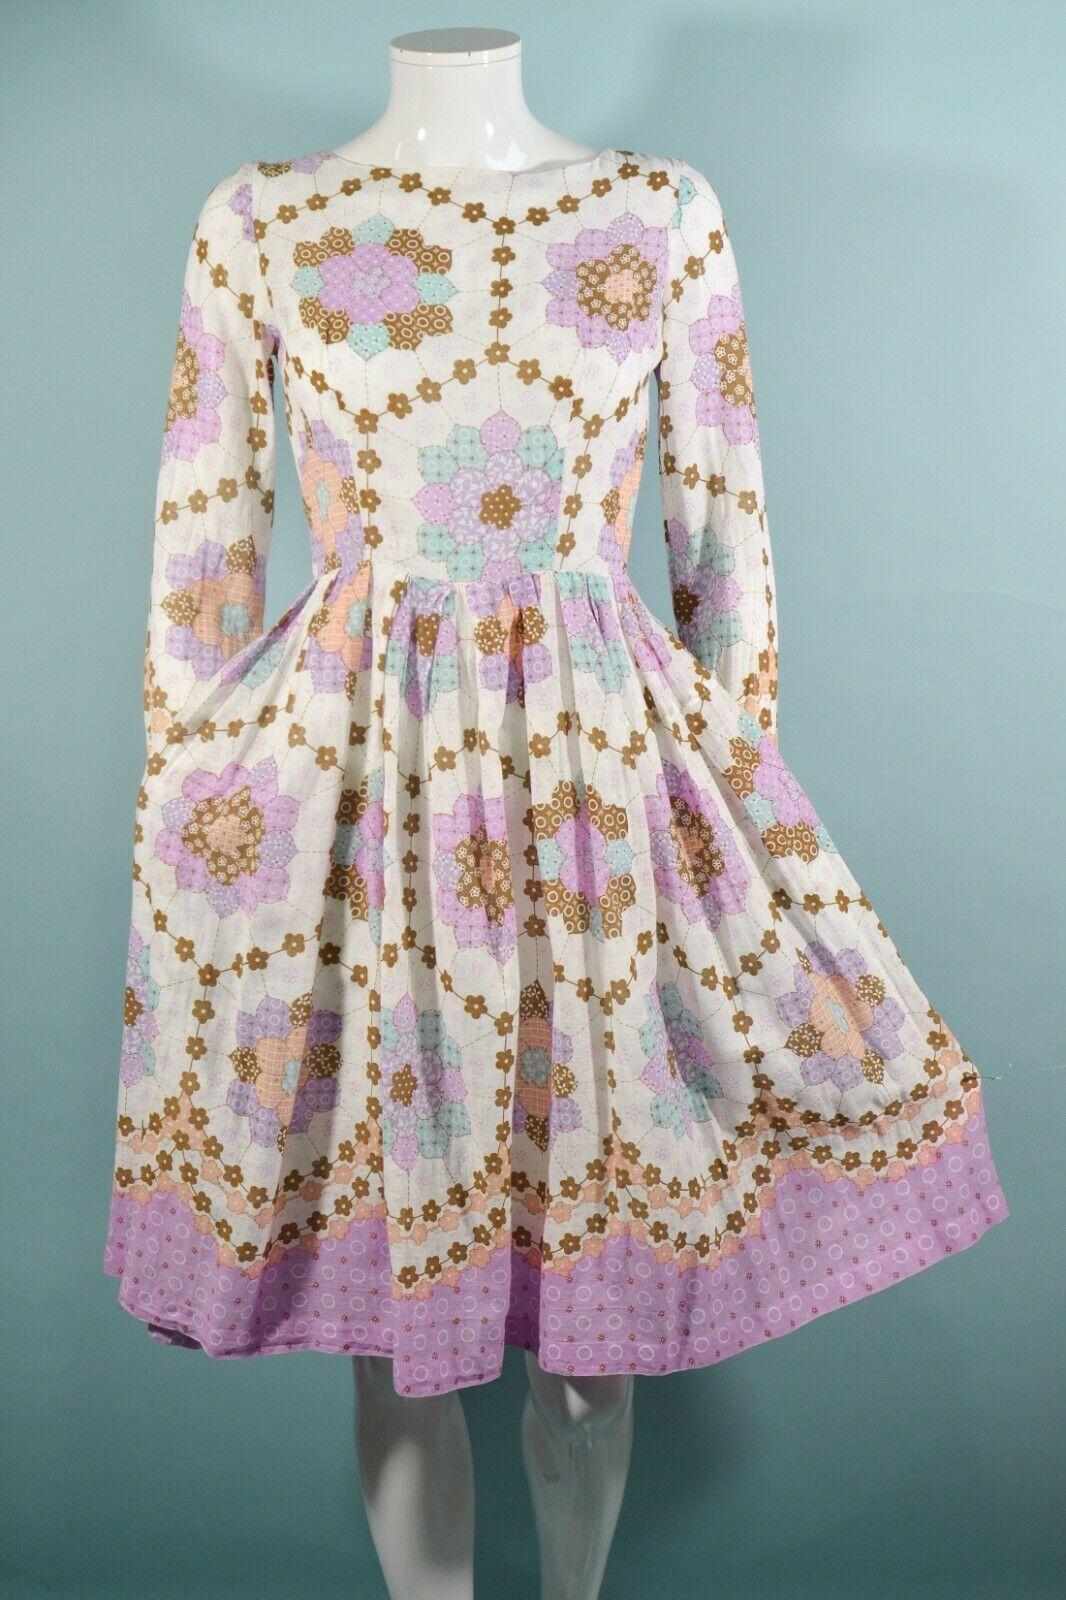 Vintage 60s/70s Faux Patchwork Hippie Dress, Cott… - image 3